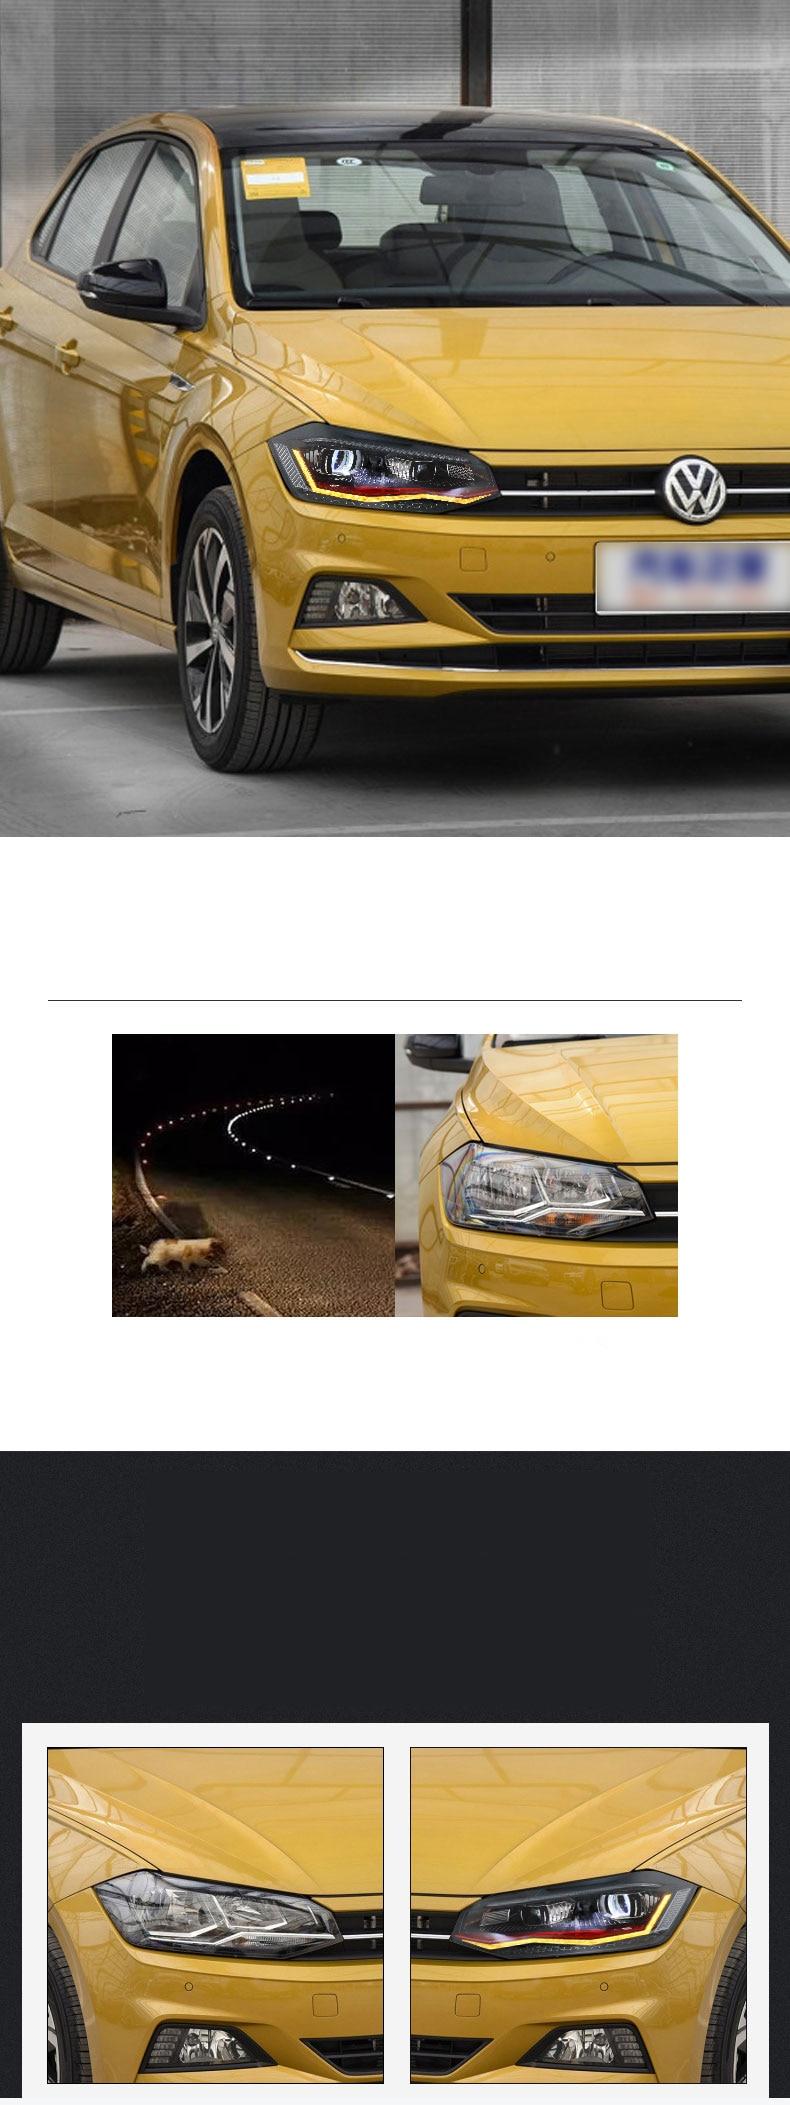 Автомобильный Стайлинг для VW Polo фары для VW Polo фары фара передняя Биксеноновая линза с двойным лучом